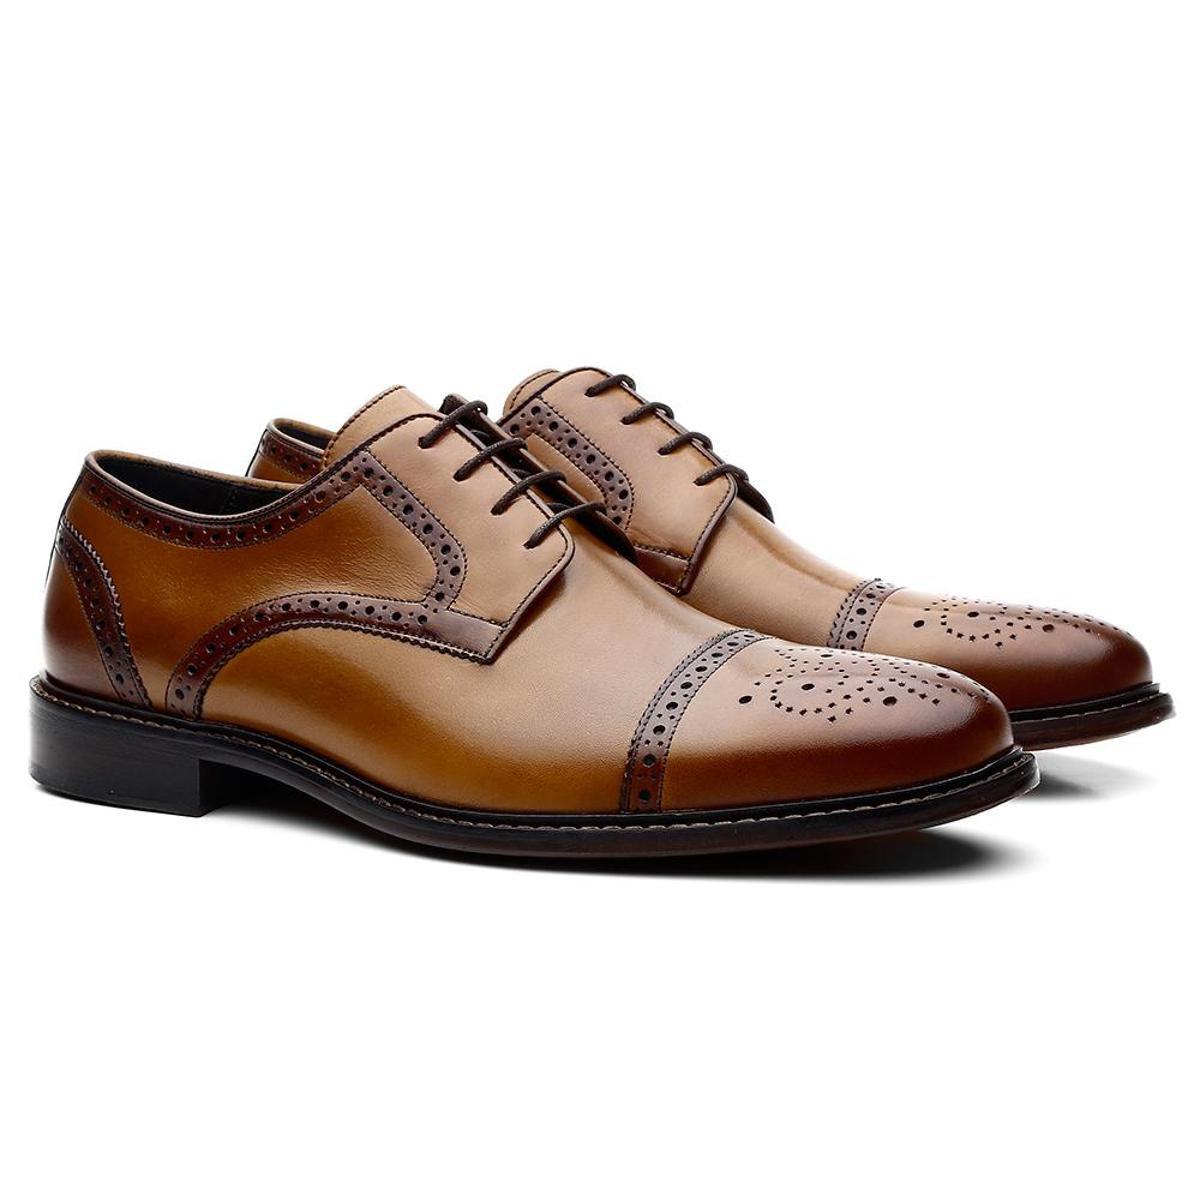 1a7045af37 Sapato Tom Lord Derby Ted Masculino | Zattini